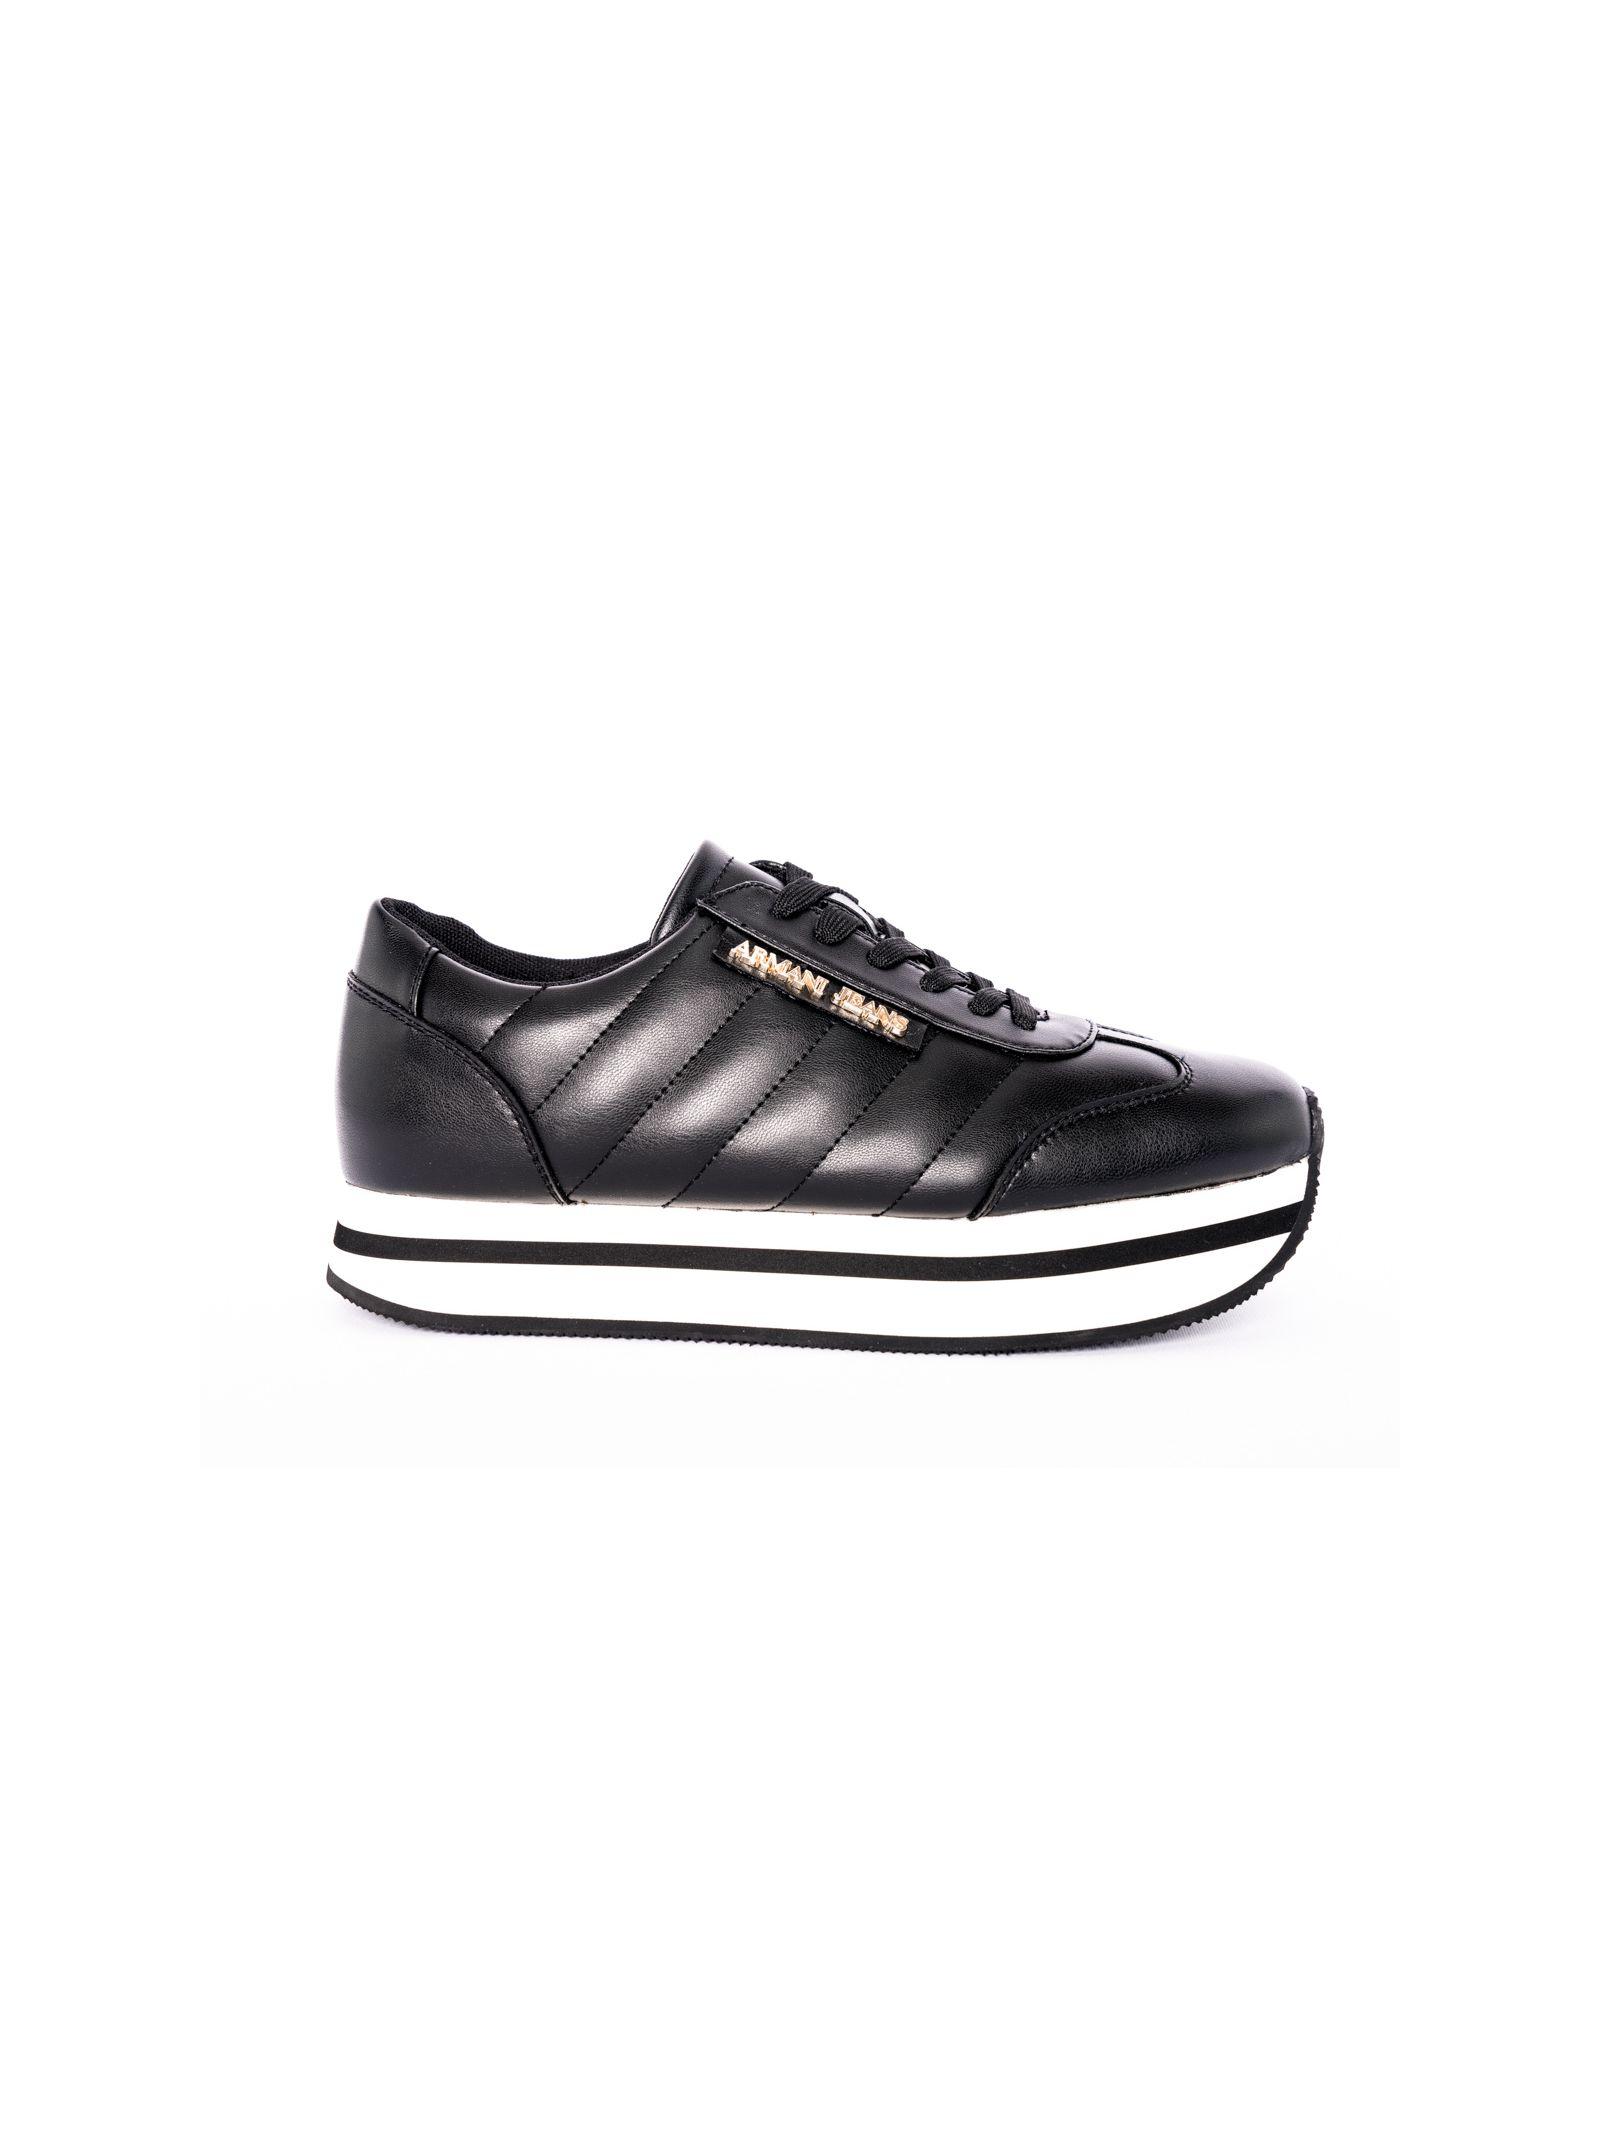 Pantof sport de damă ARMANI JEANS